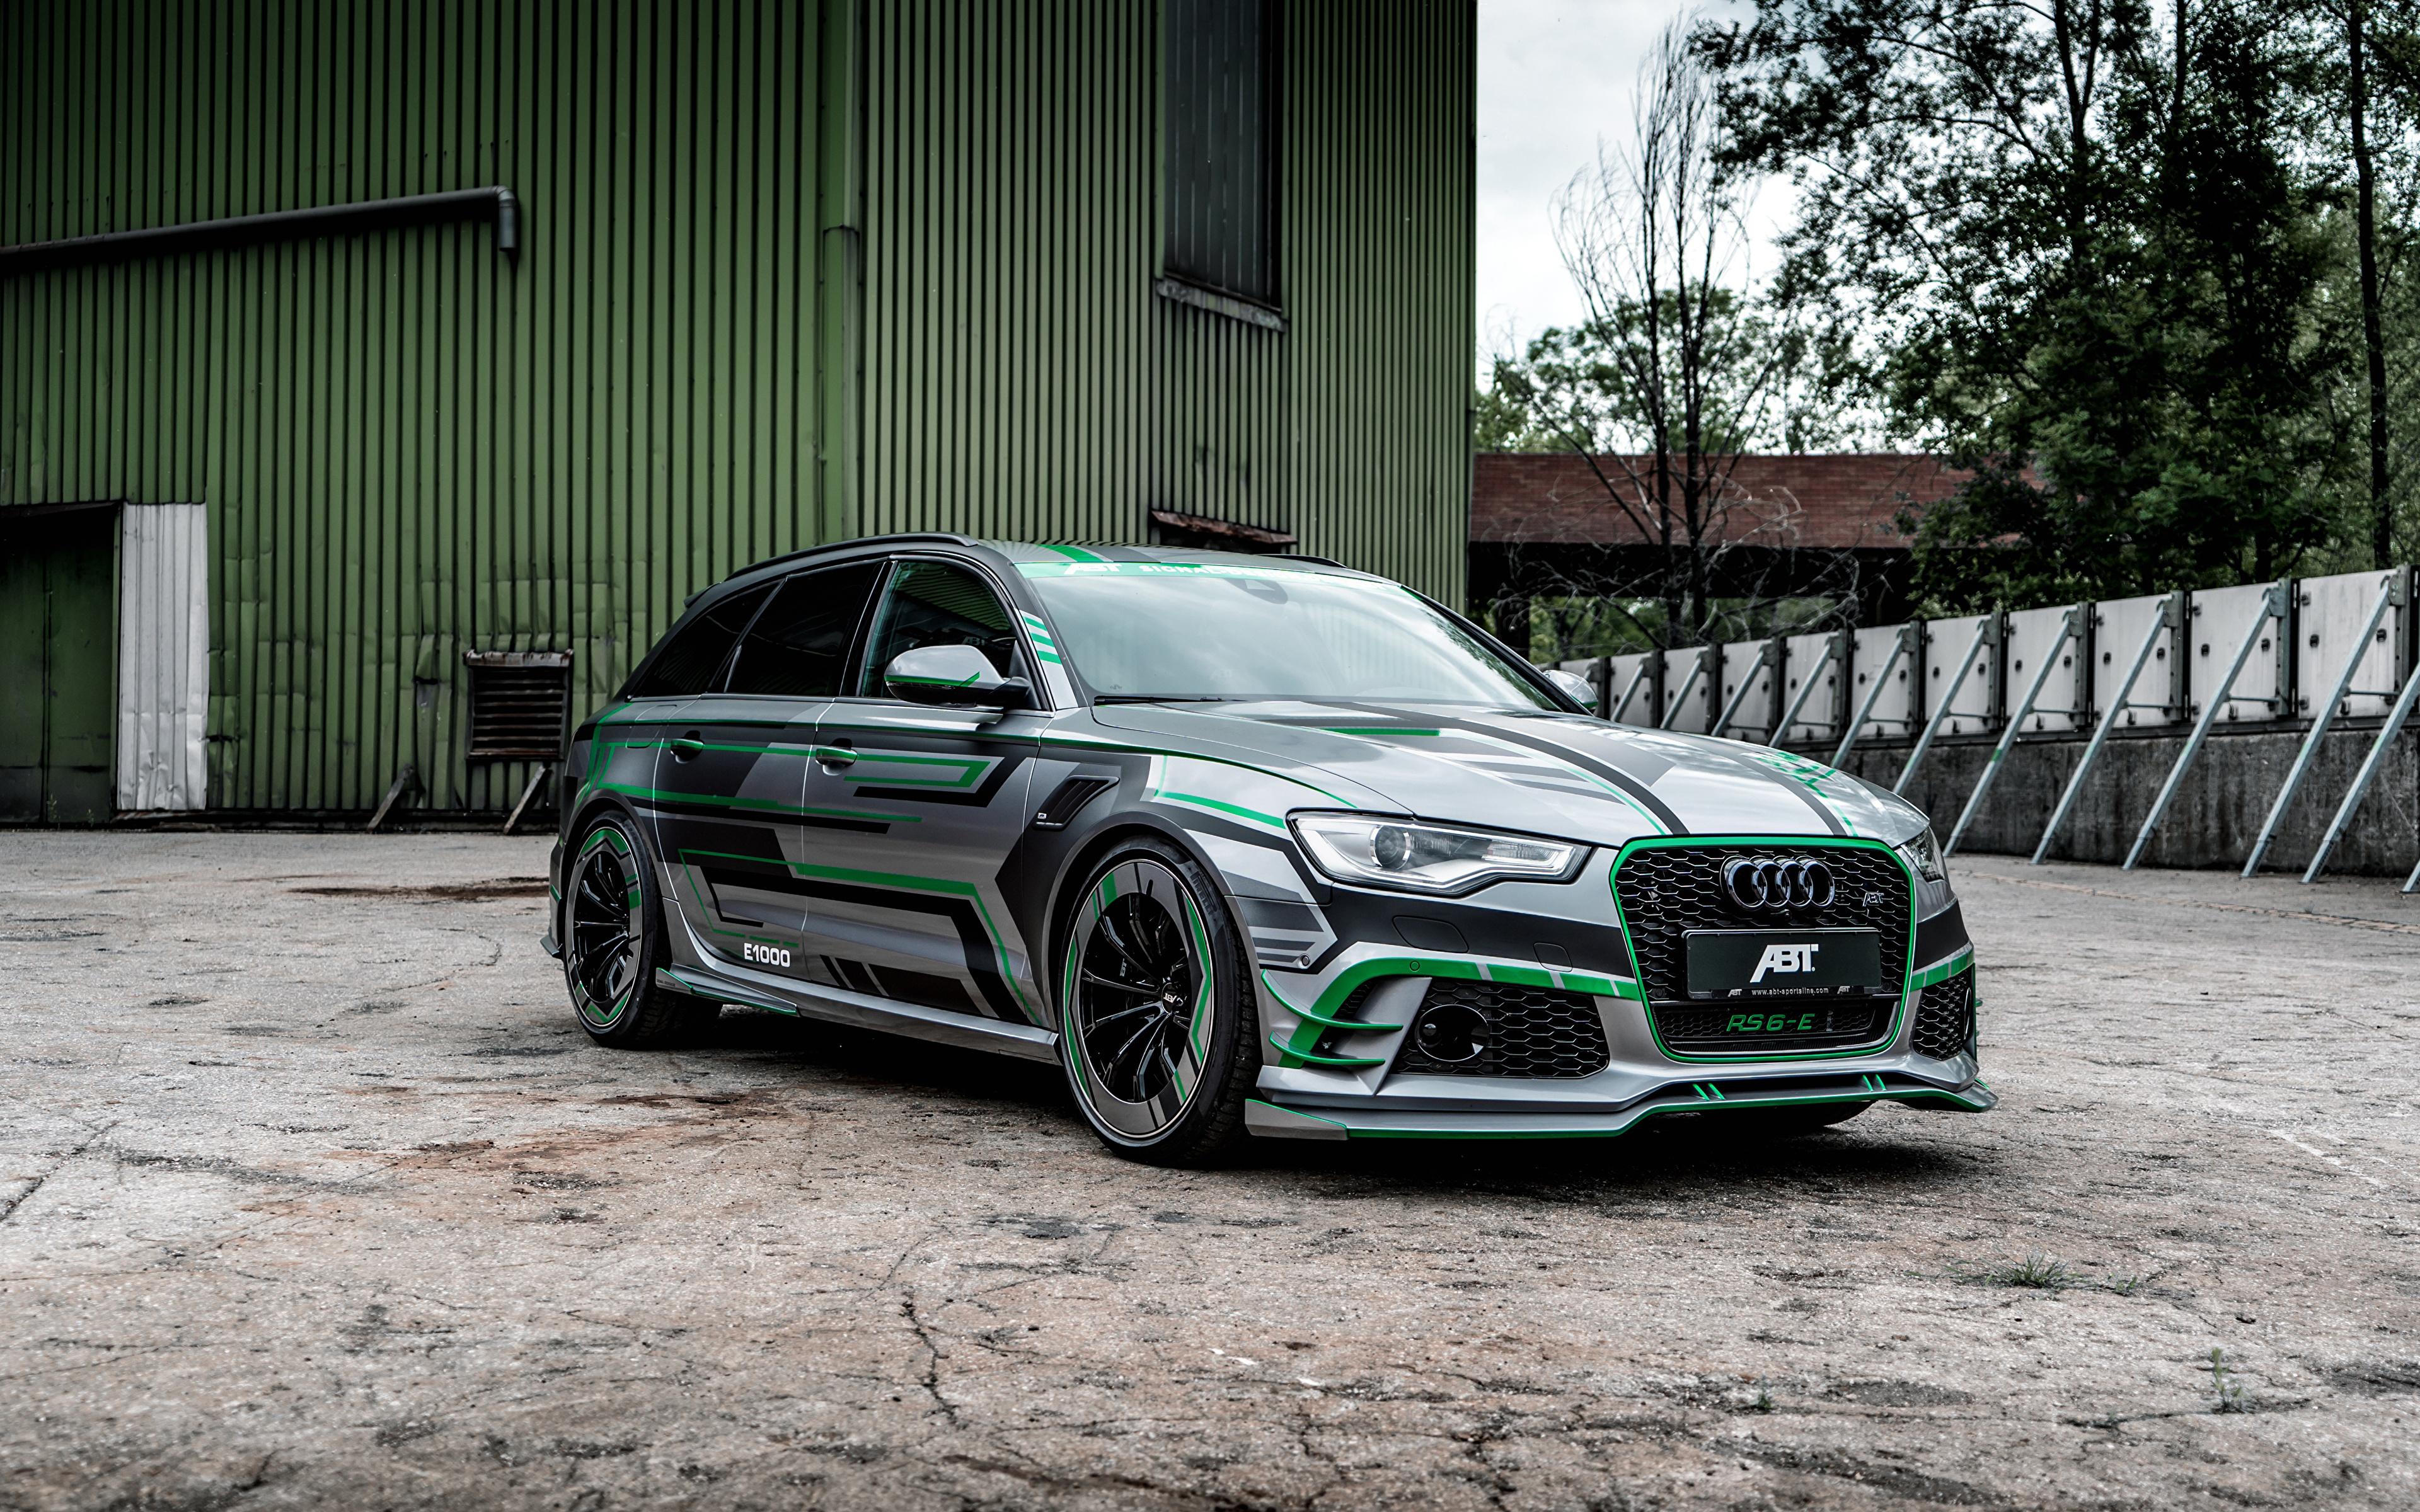 Обои для рабочего стола Audi Стайлинг 2018 ABT RS 6-E Avant Concept автомобиль 3840x2400 Ауди Тюнинг авто машина машины Автомобили